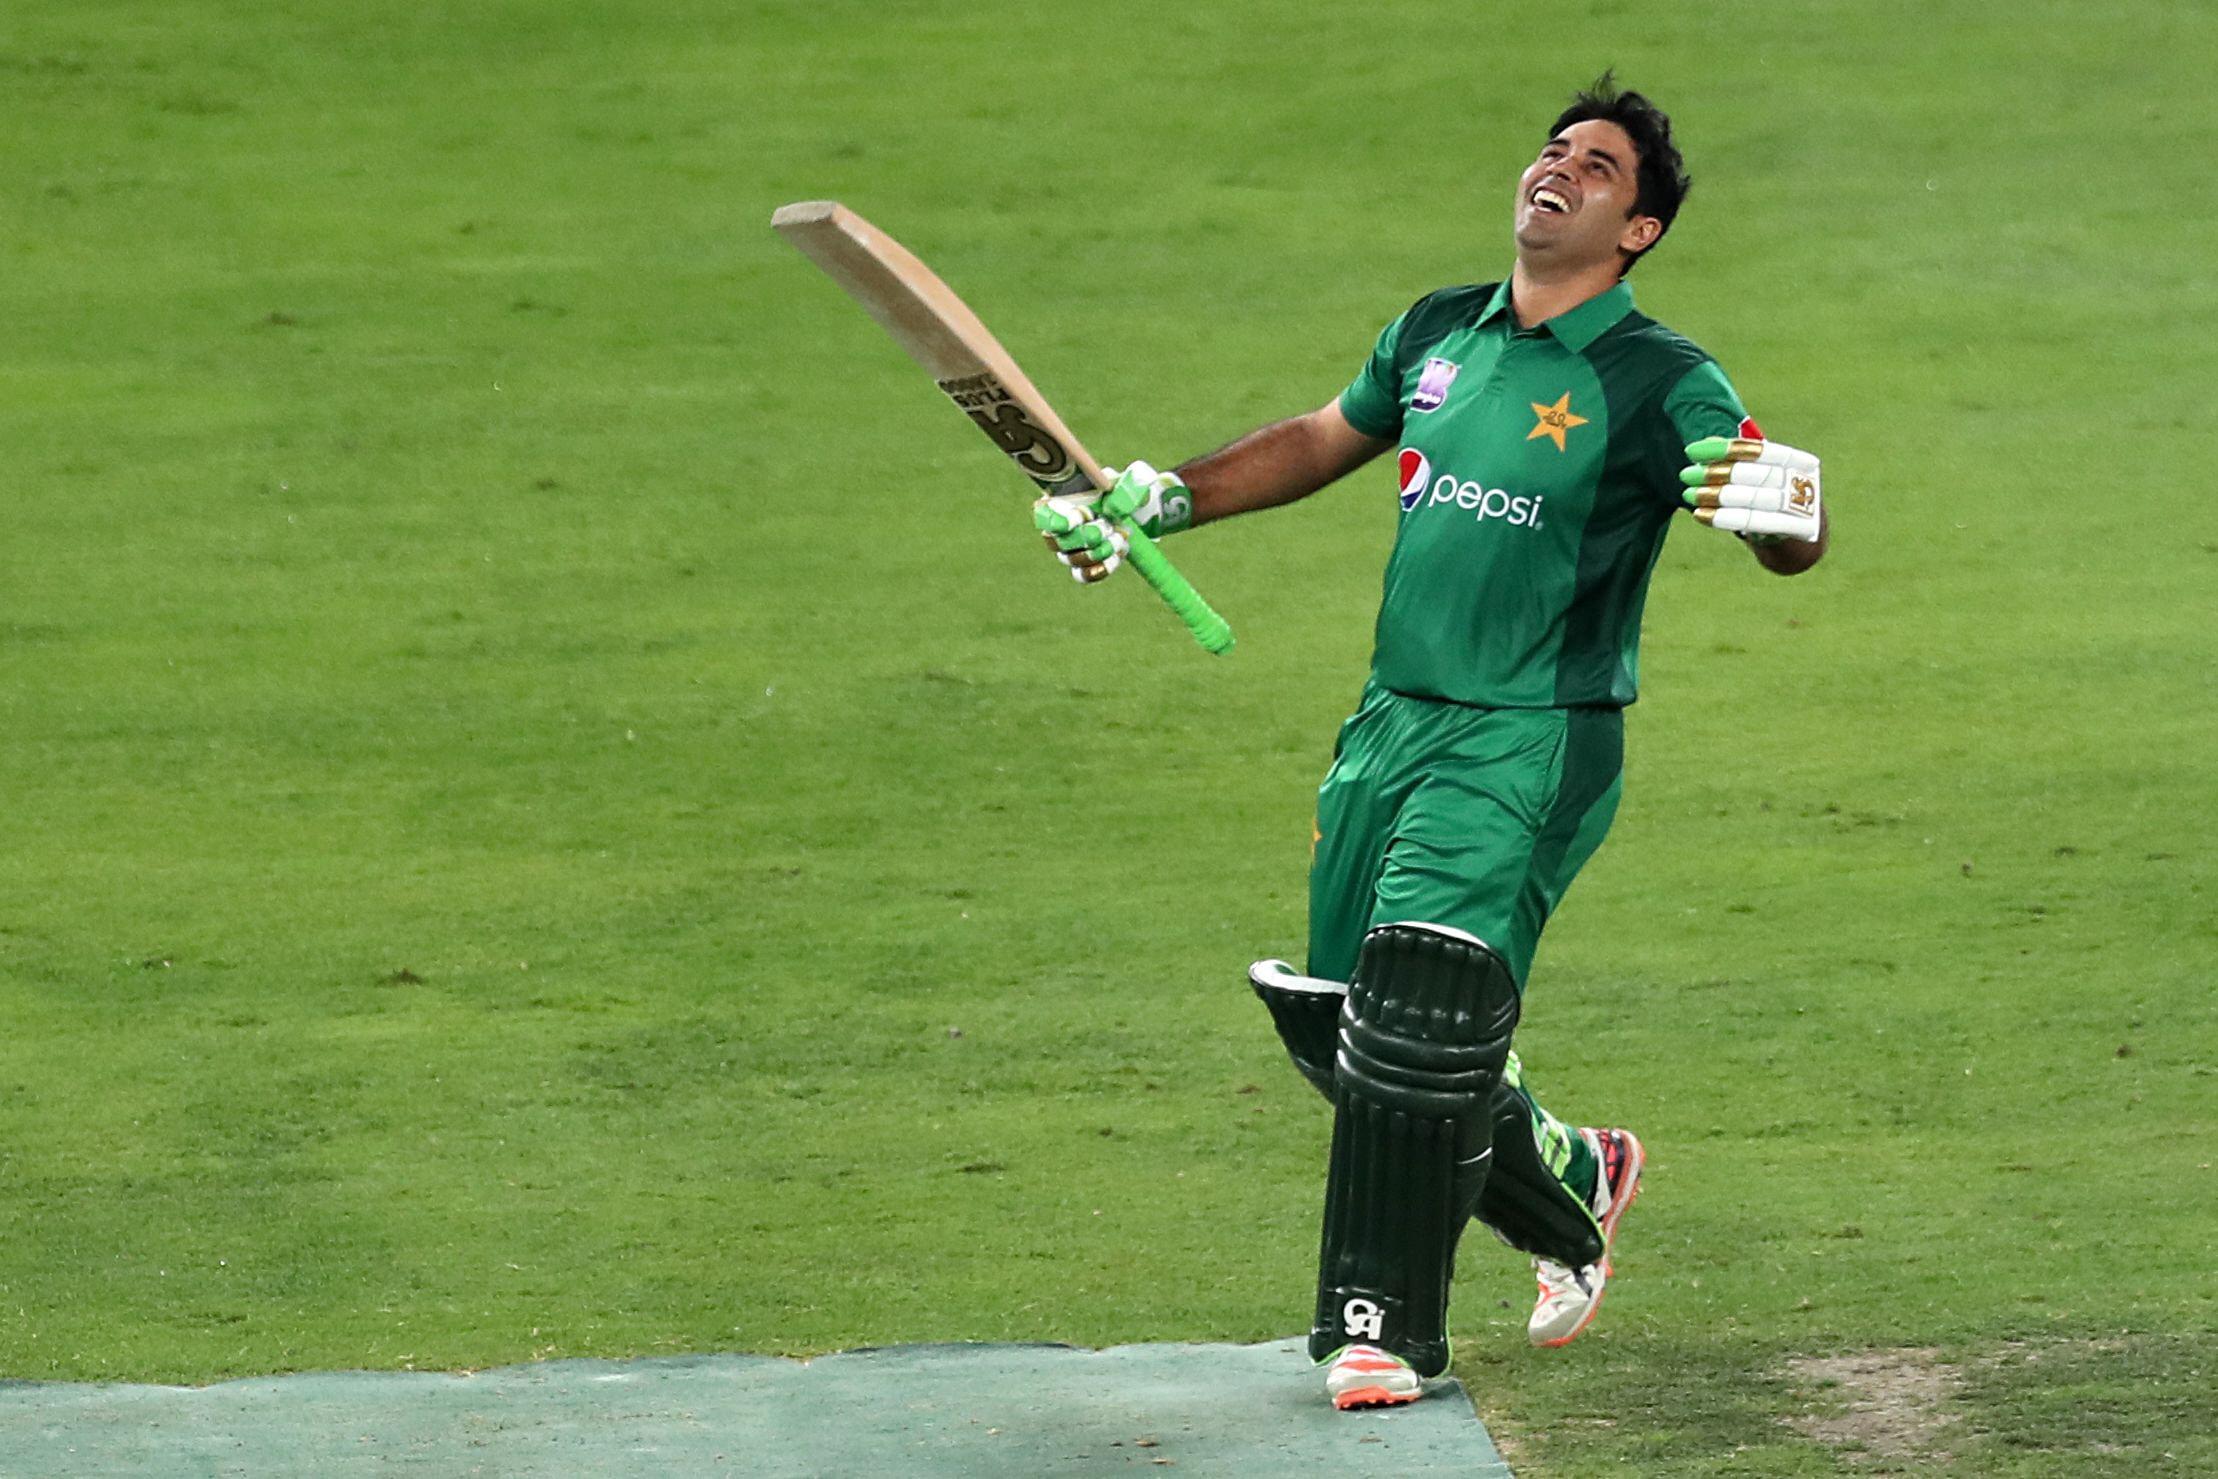 Fourth ODI: Pakistan vs Australia